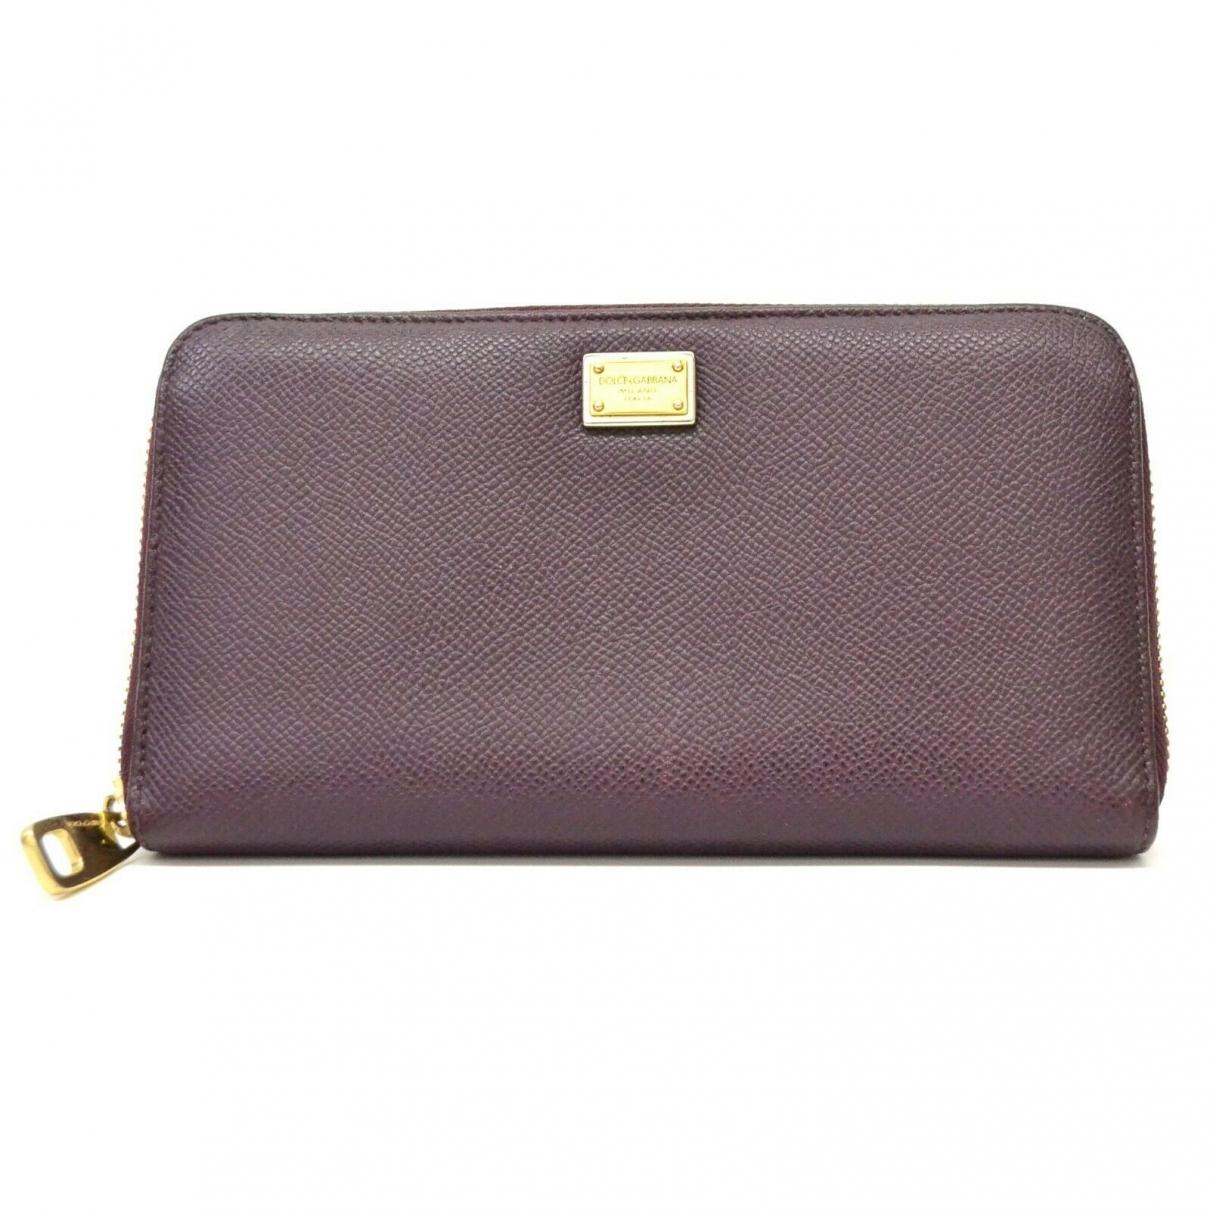 Dolce & Gabbana - Portefeuille   pour femme en cuir - bordeaux